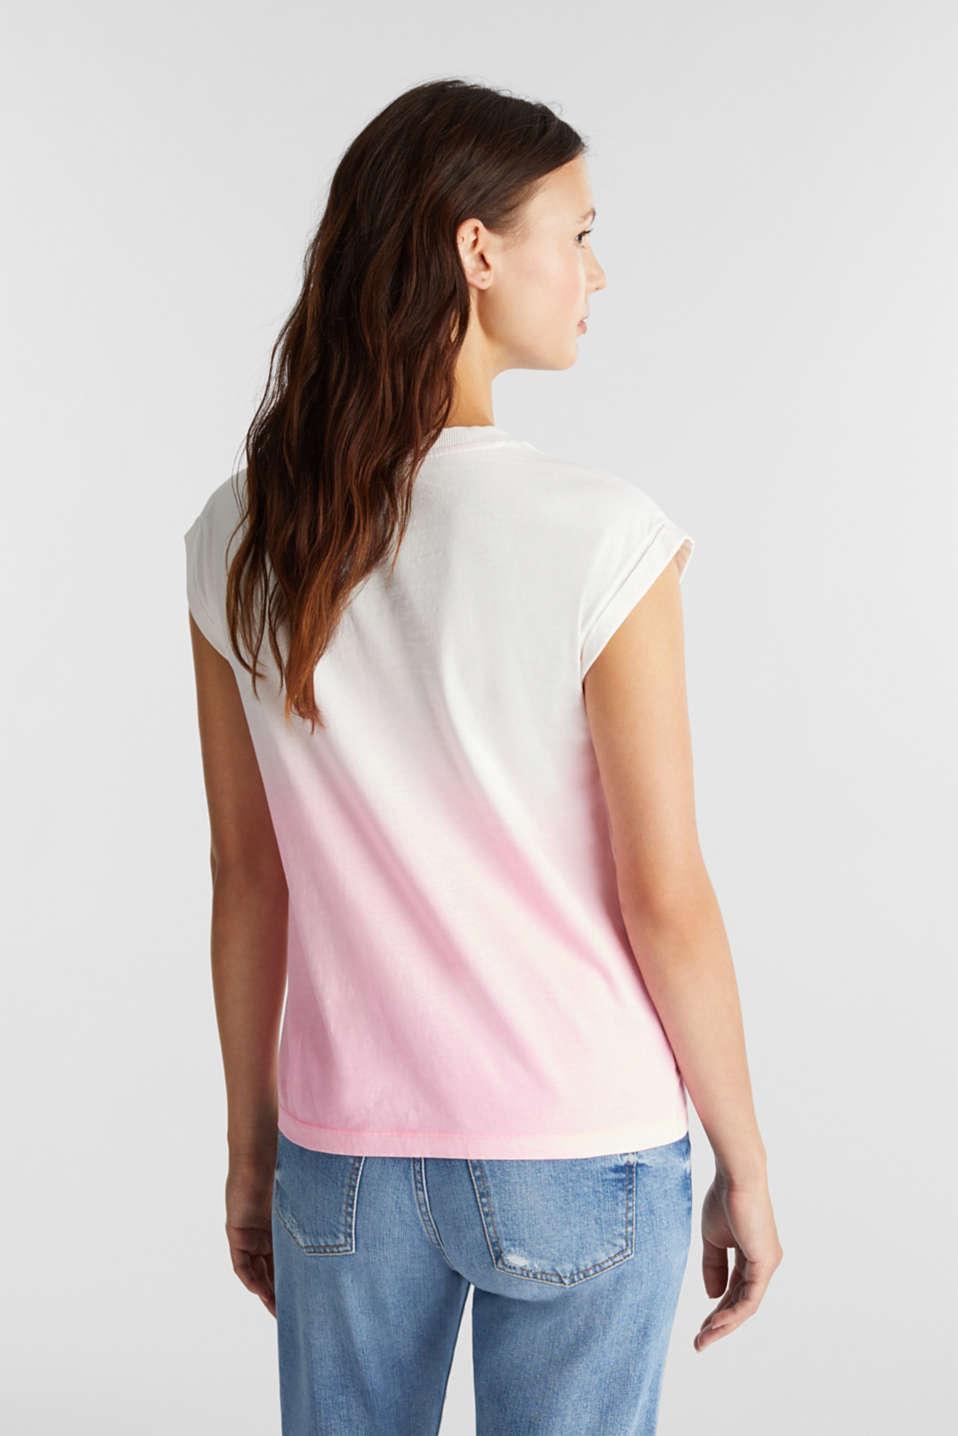 Dip-dye top, organic cotton, PINK, detail image number 3